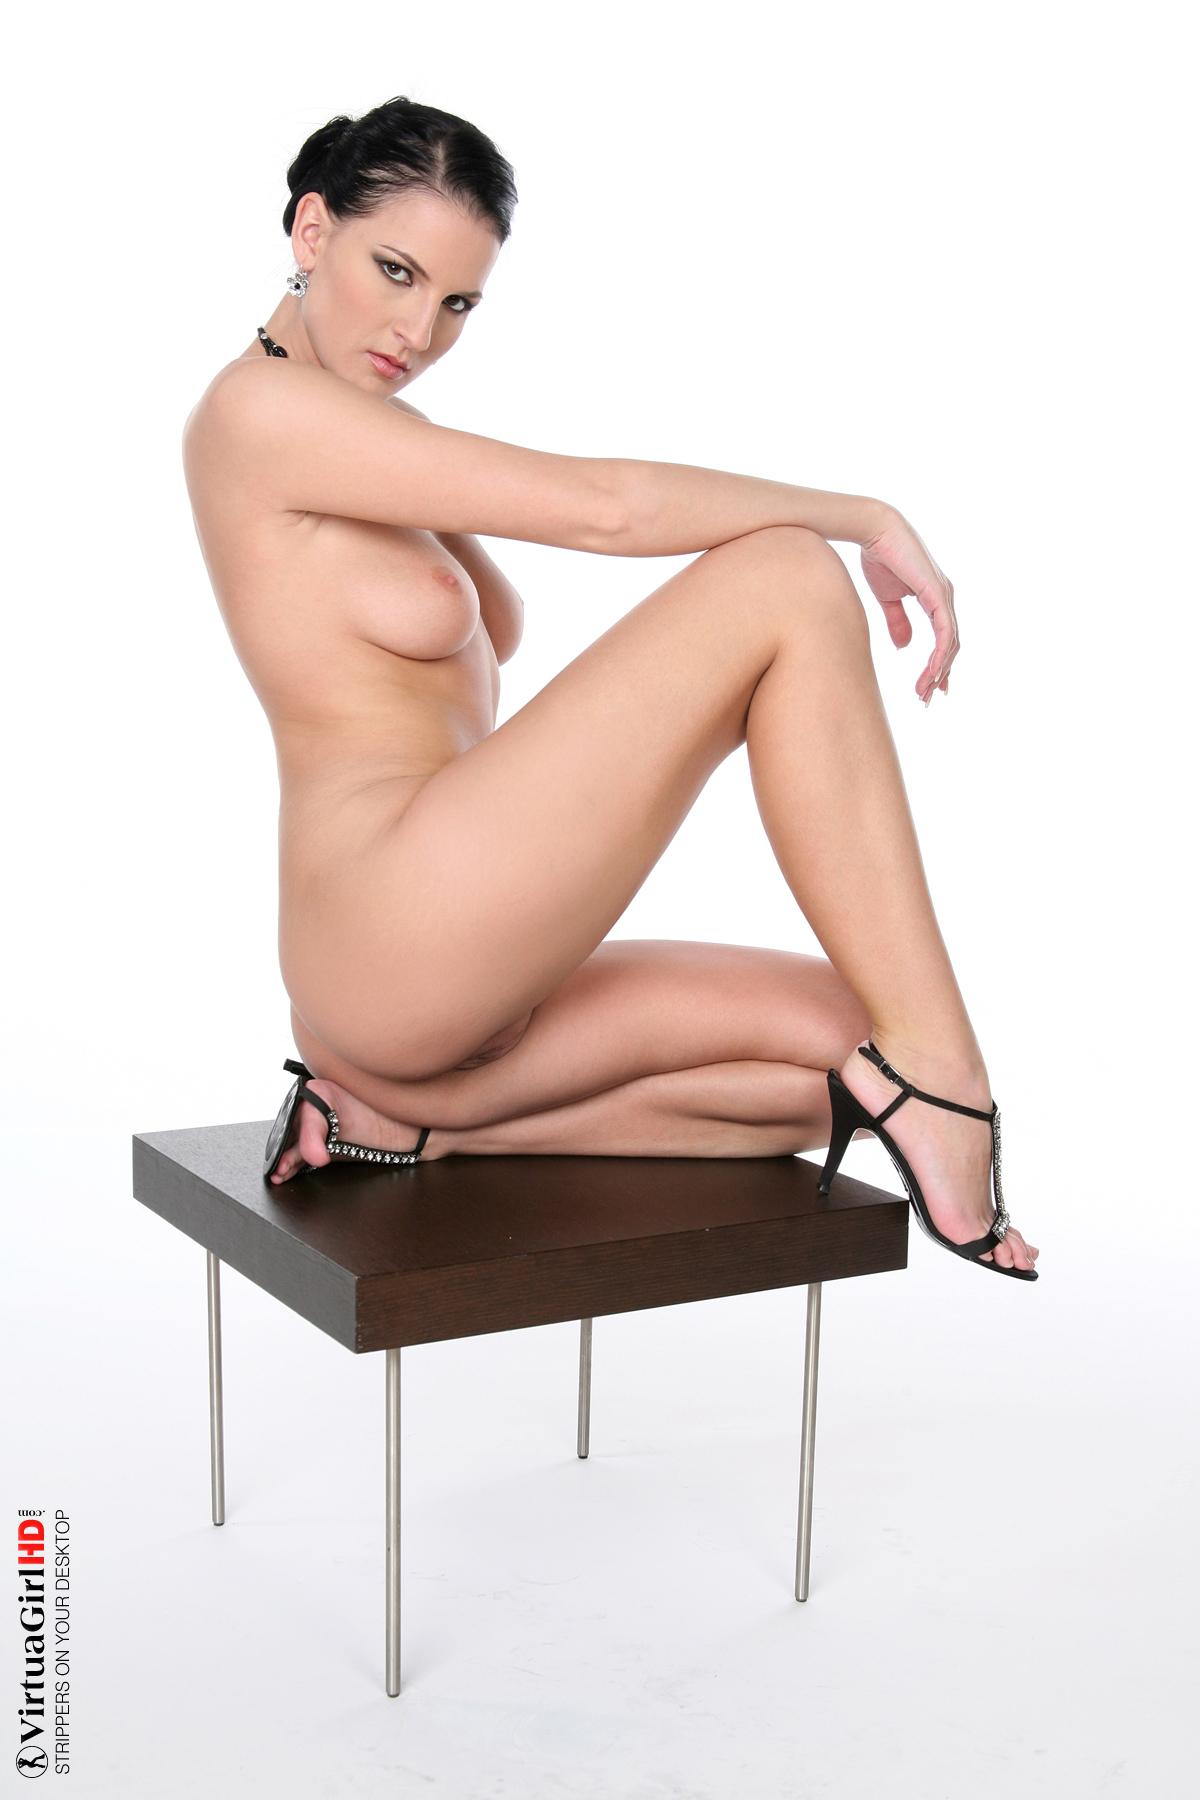 http://gallery.virtuagirlhd.com/a0442/full/VGI0525P030123.jpg